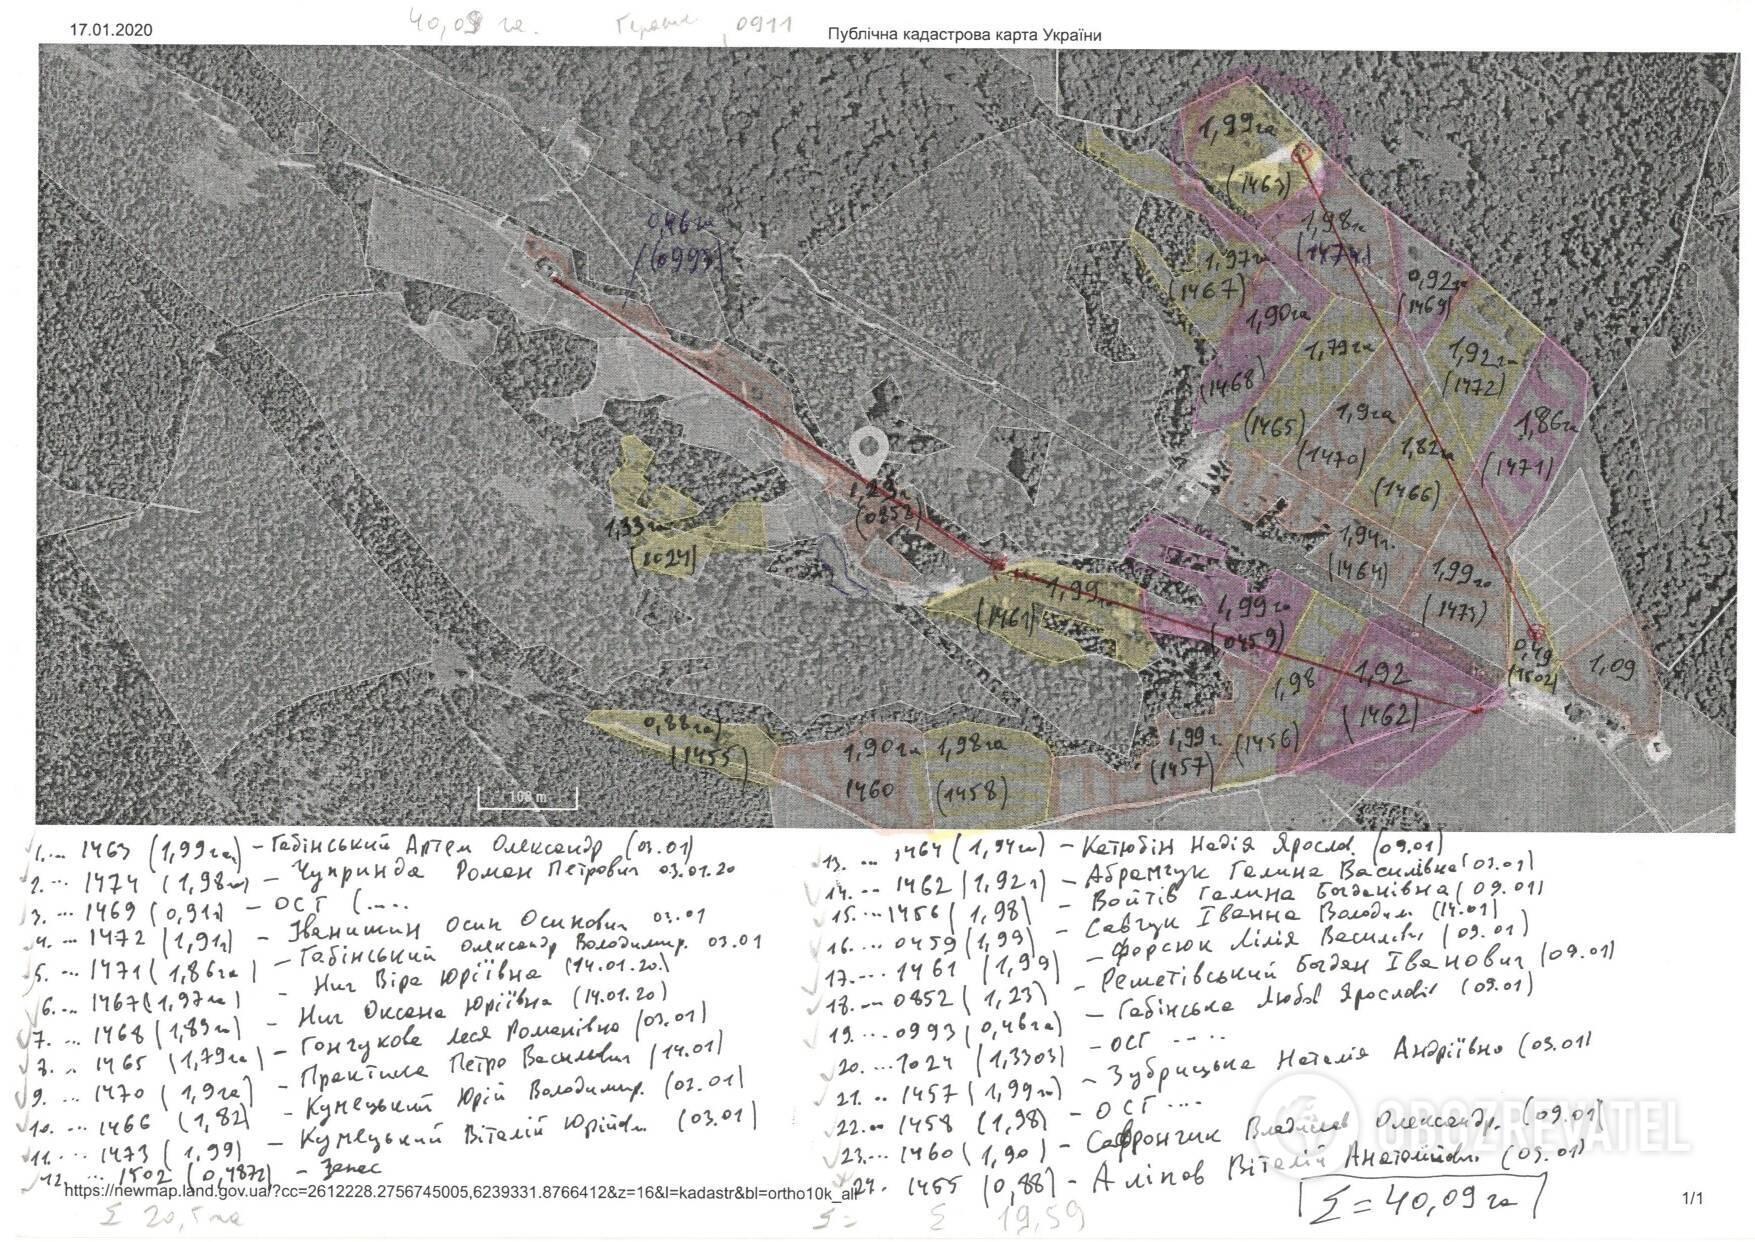 Скриншот ділянок на публічній кадастровій карті станом на 17 січня 2020